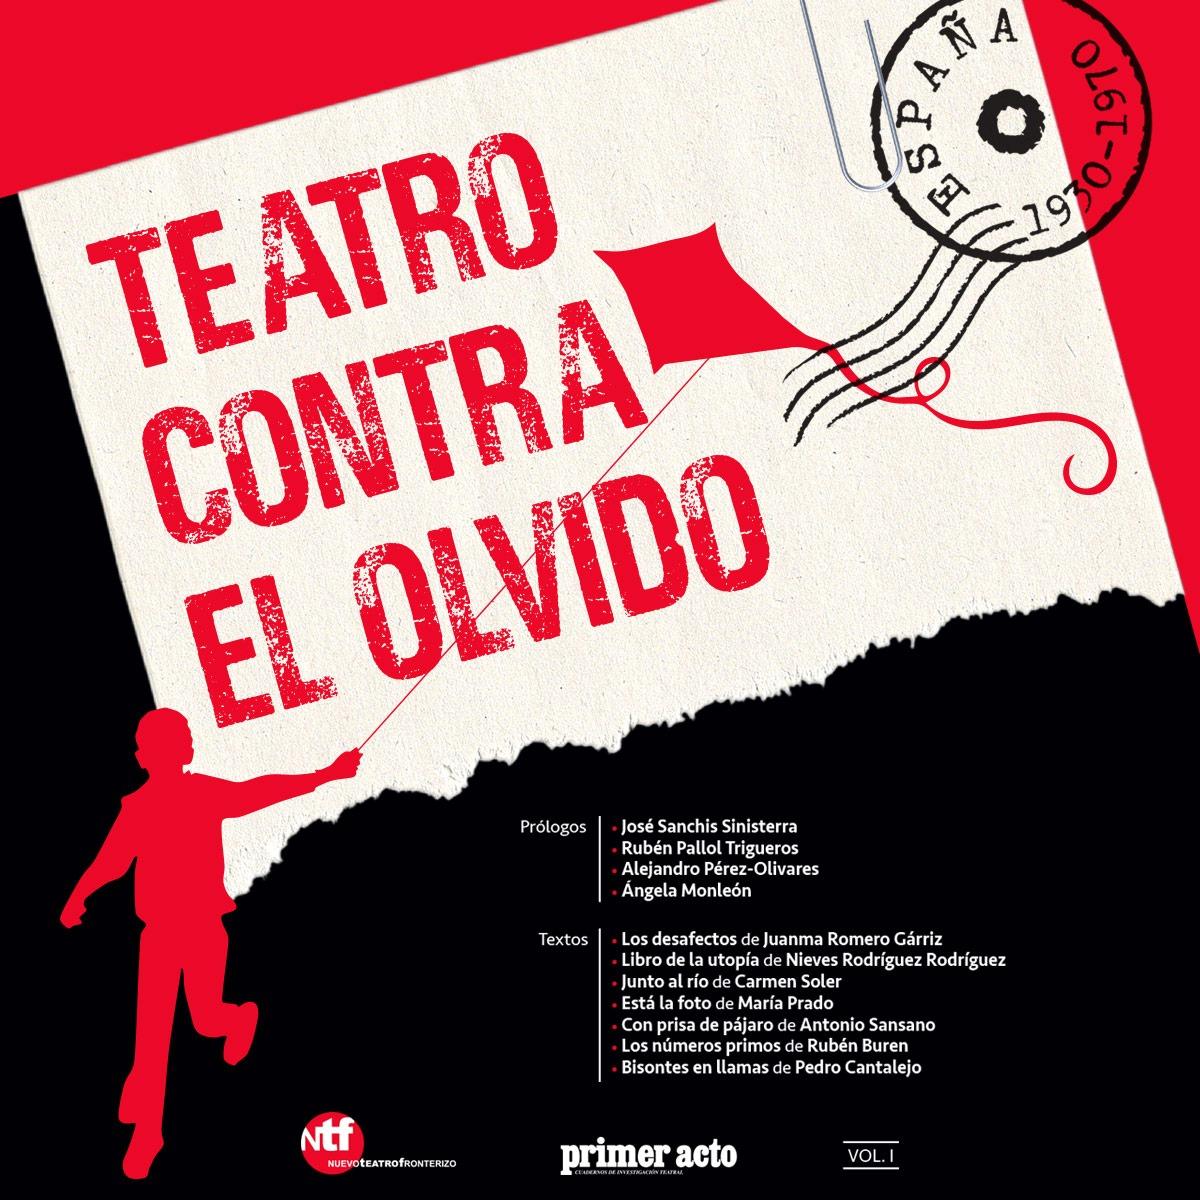 «Está la foto» en Teatro contra el olvido vol.1